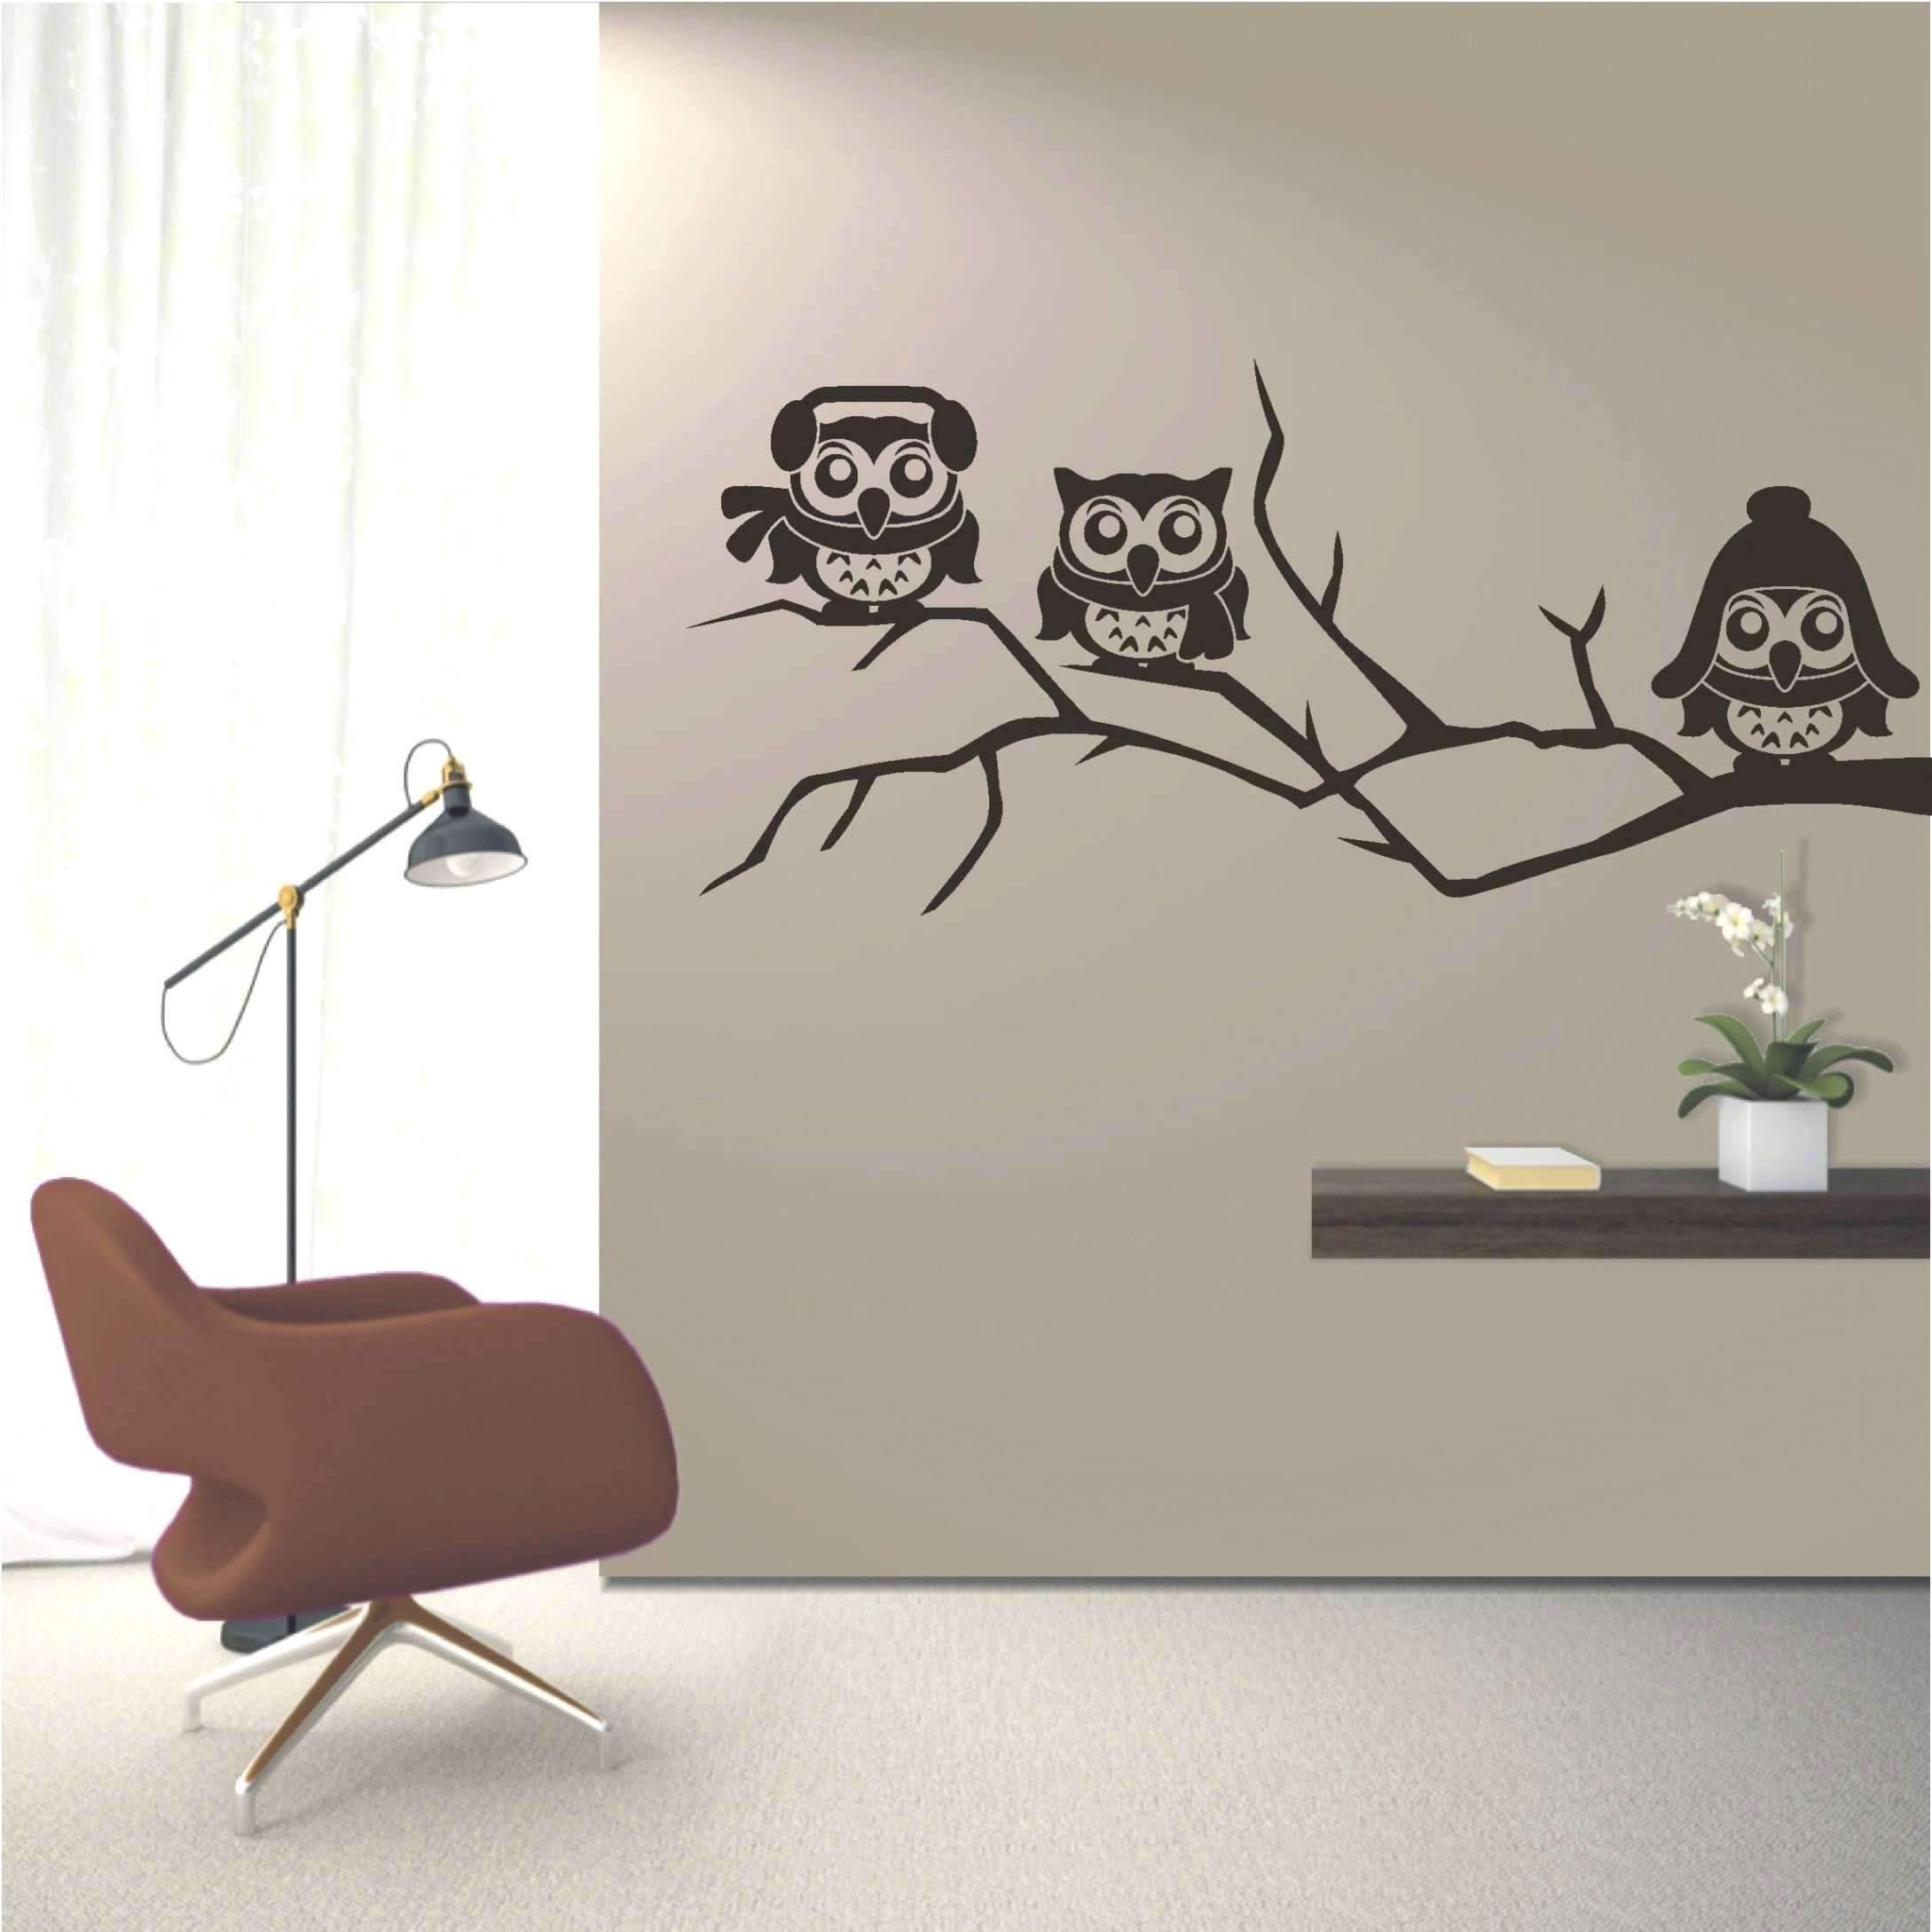 dekoideen wohnzimmer selber machen das beste von wandtatoo wohnzimmer elegant leinwand ideen wohnzimmer deko of dekoideen wohnzimmer selber machen